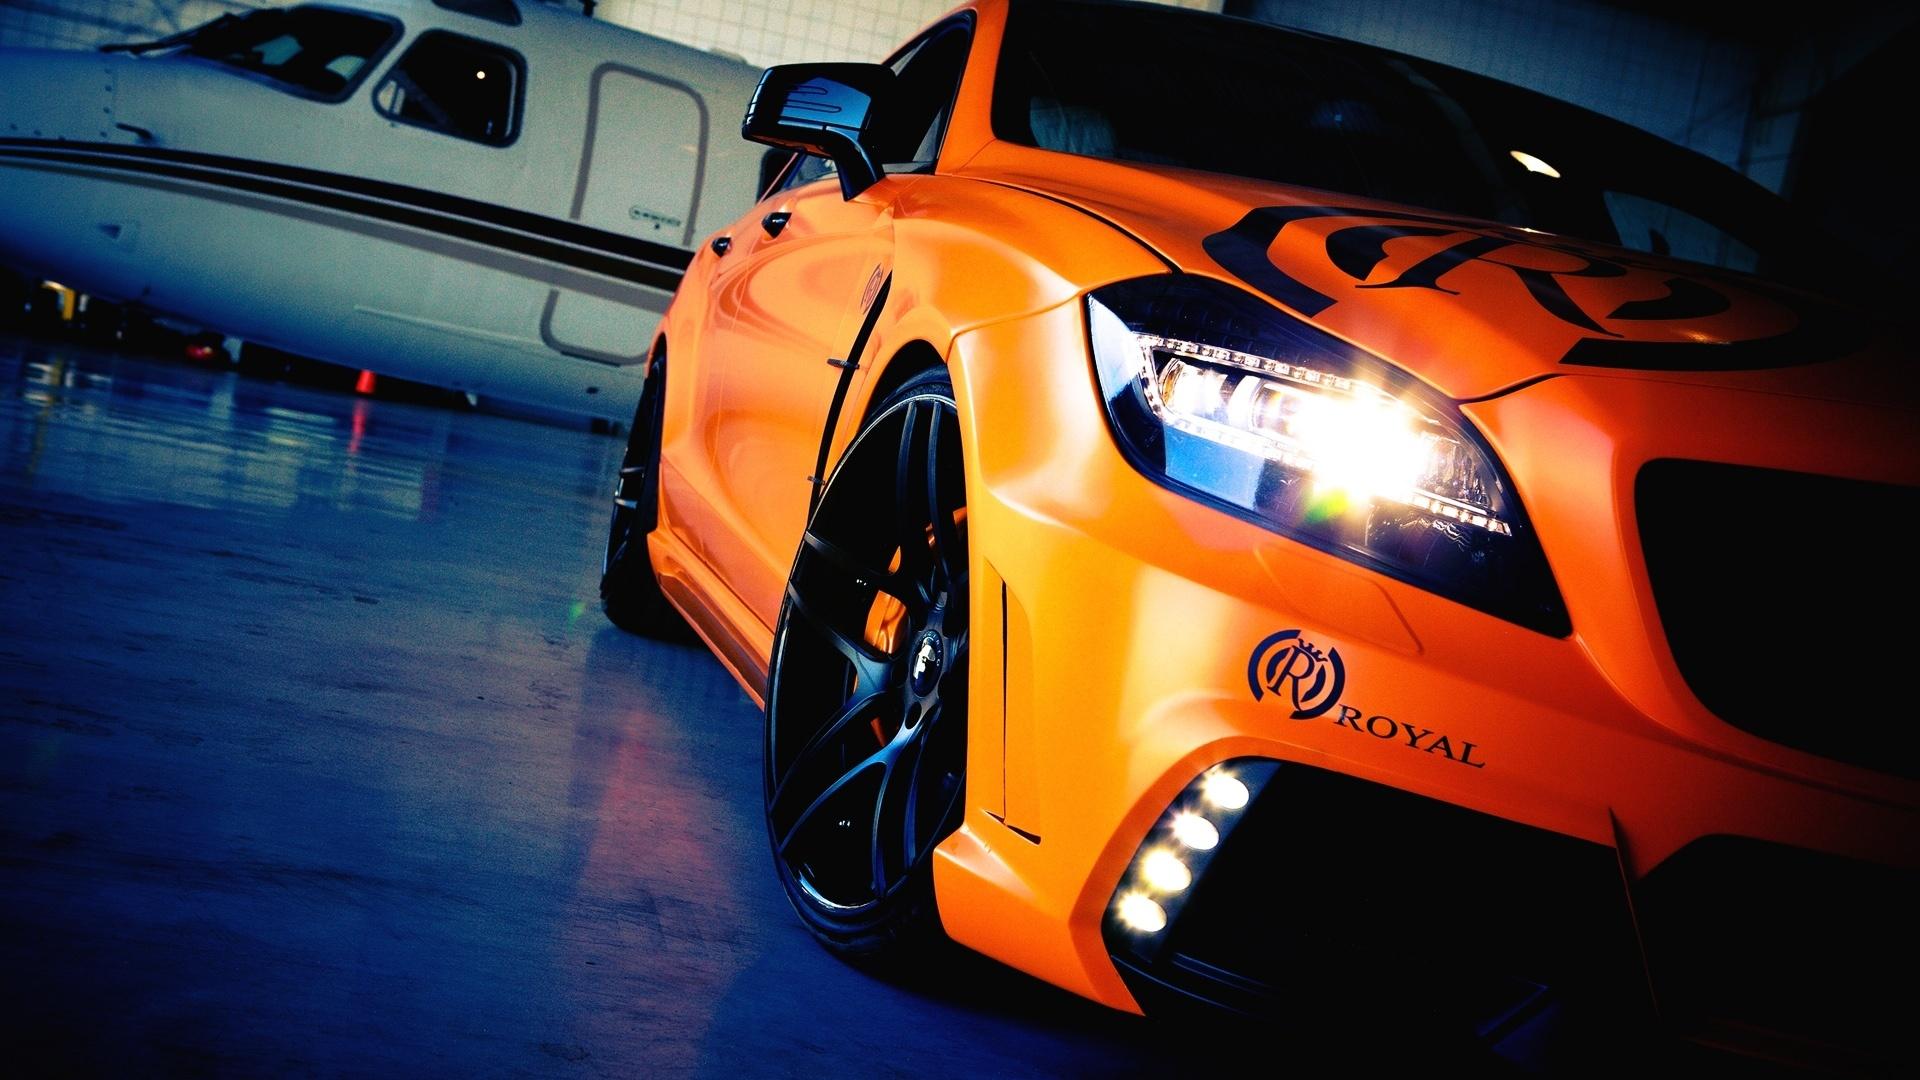 orange car wallpaper hd 32746 1920x1080 px hdwallsource